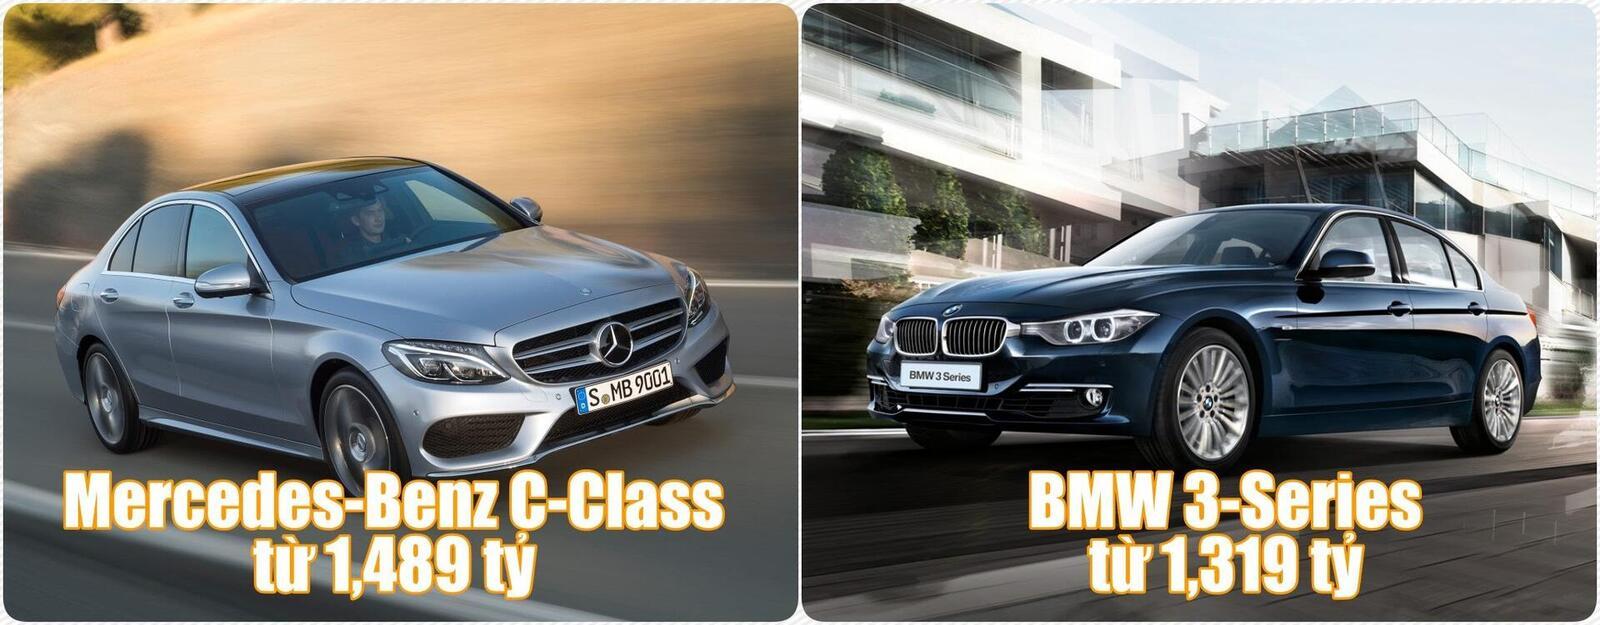 Bảng giá hiện tại của một số dòng xe Mercedes-Benz và BMW tại Việt Nam - Hình 1